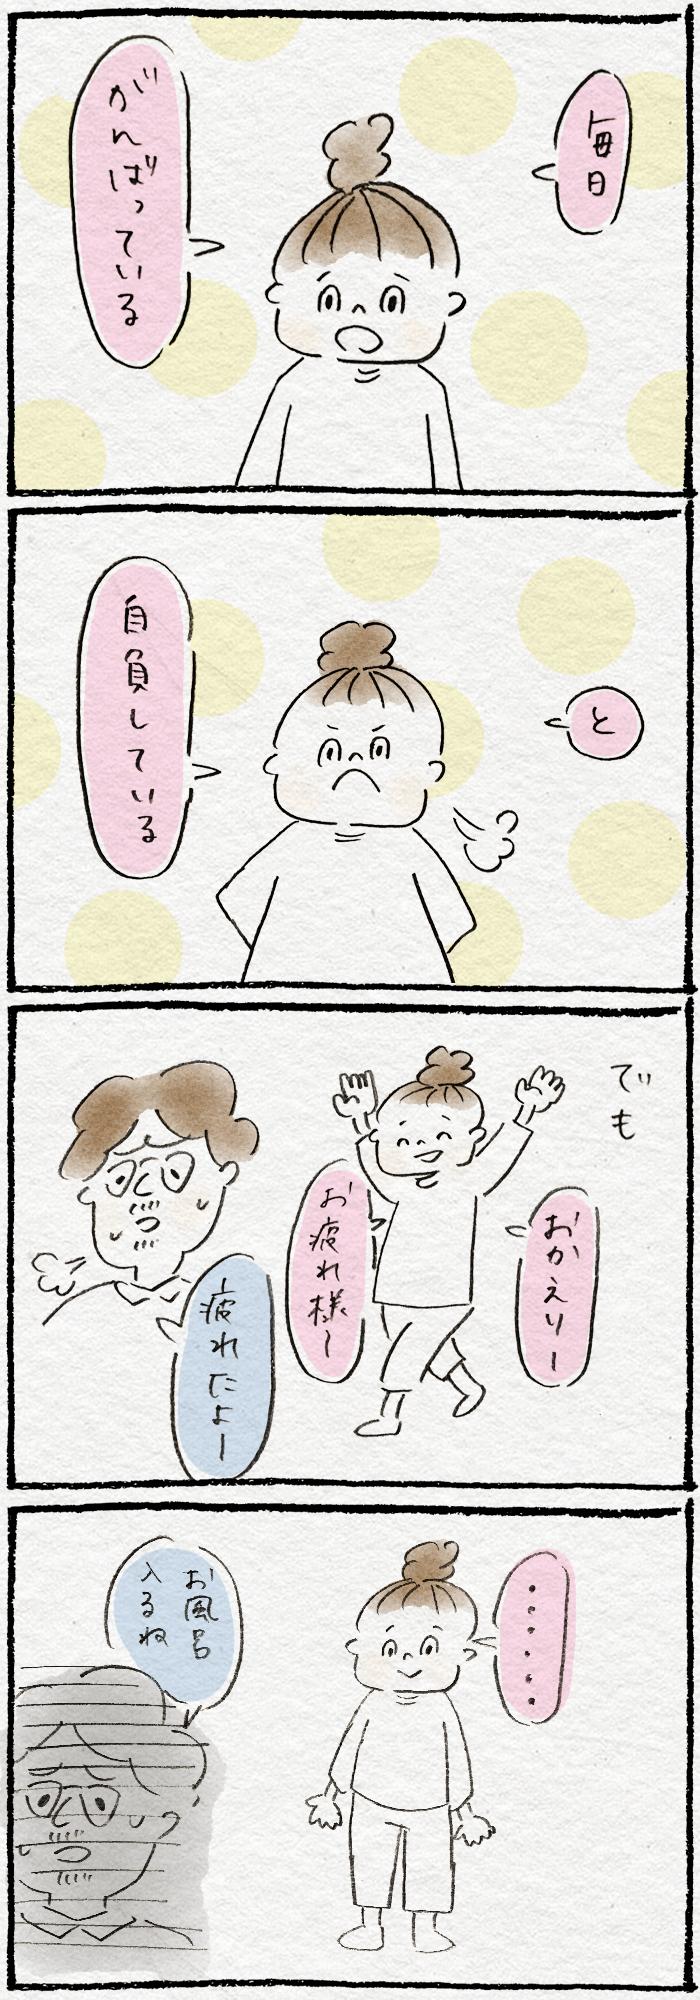 たまには褒めて~!たった500円で夫婦円満になれる「週末の提案」とは?の画像1